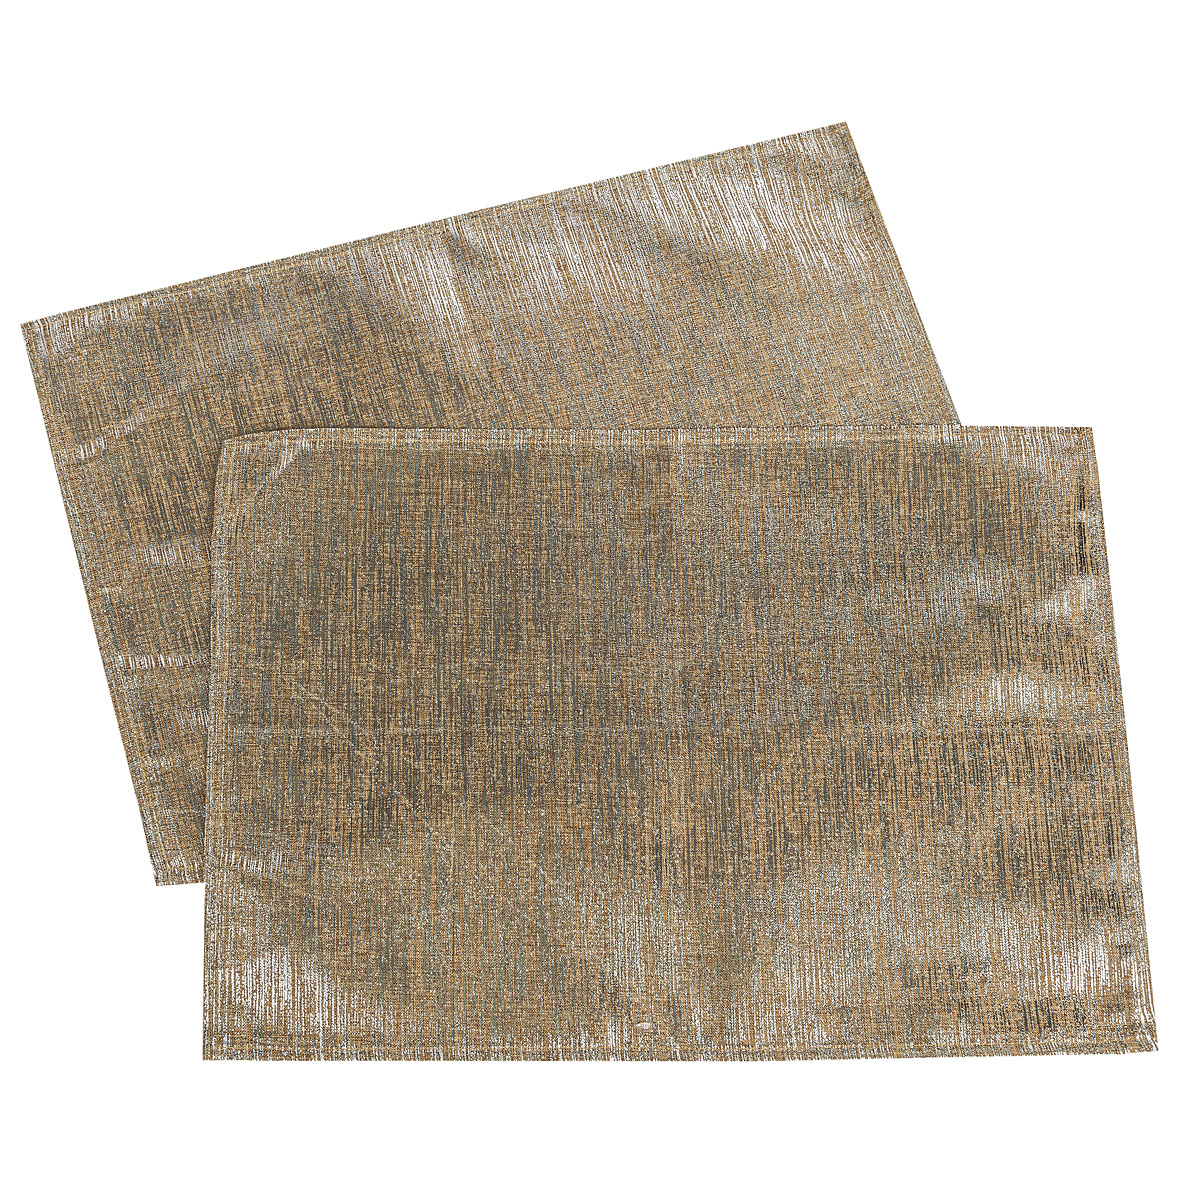 Dakls Vánoční prostírání stříbrná, 32 x 45 cm, sada 2 ks